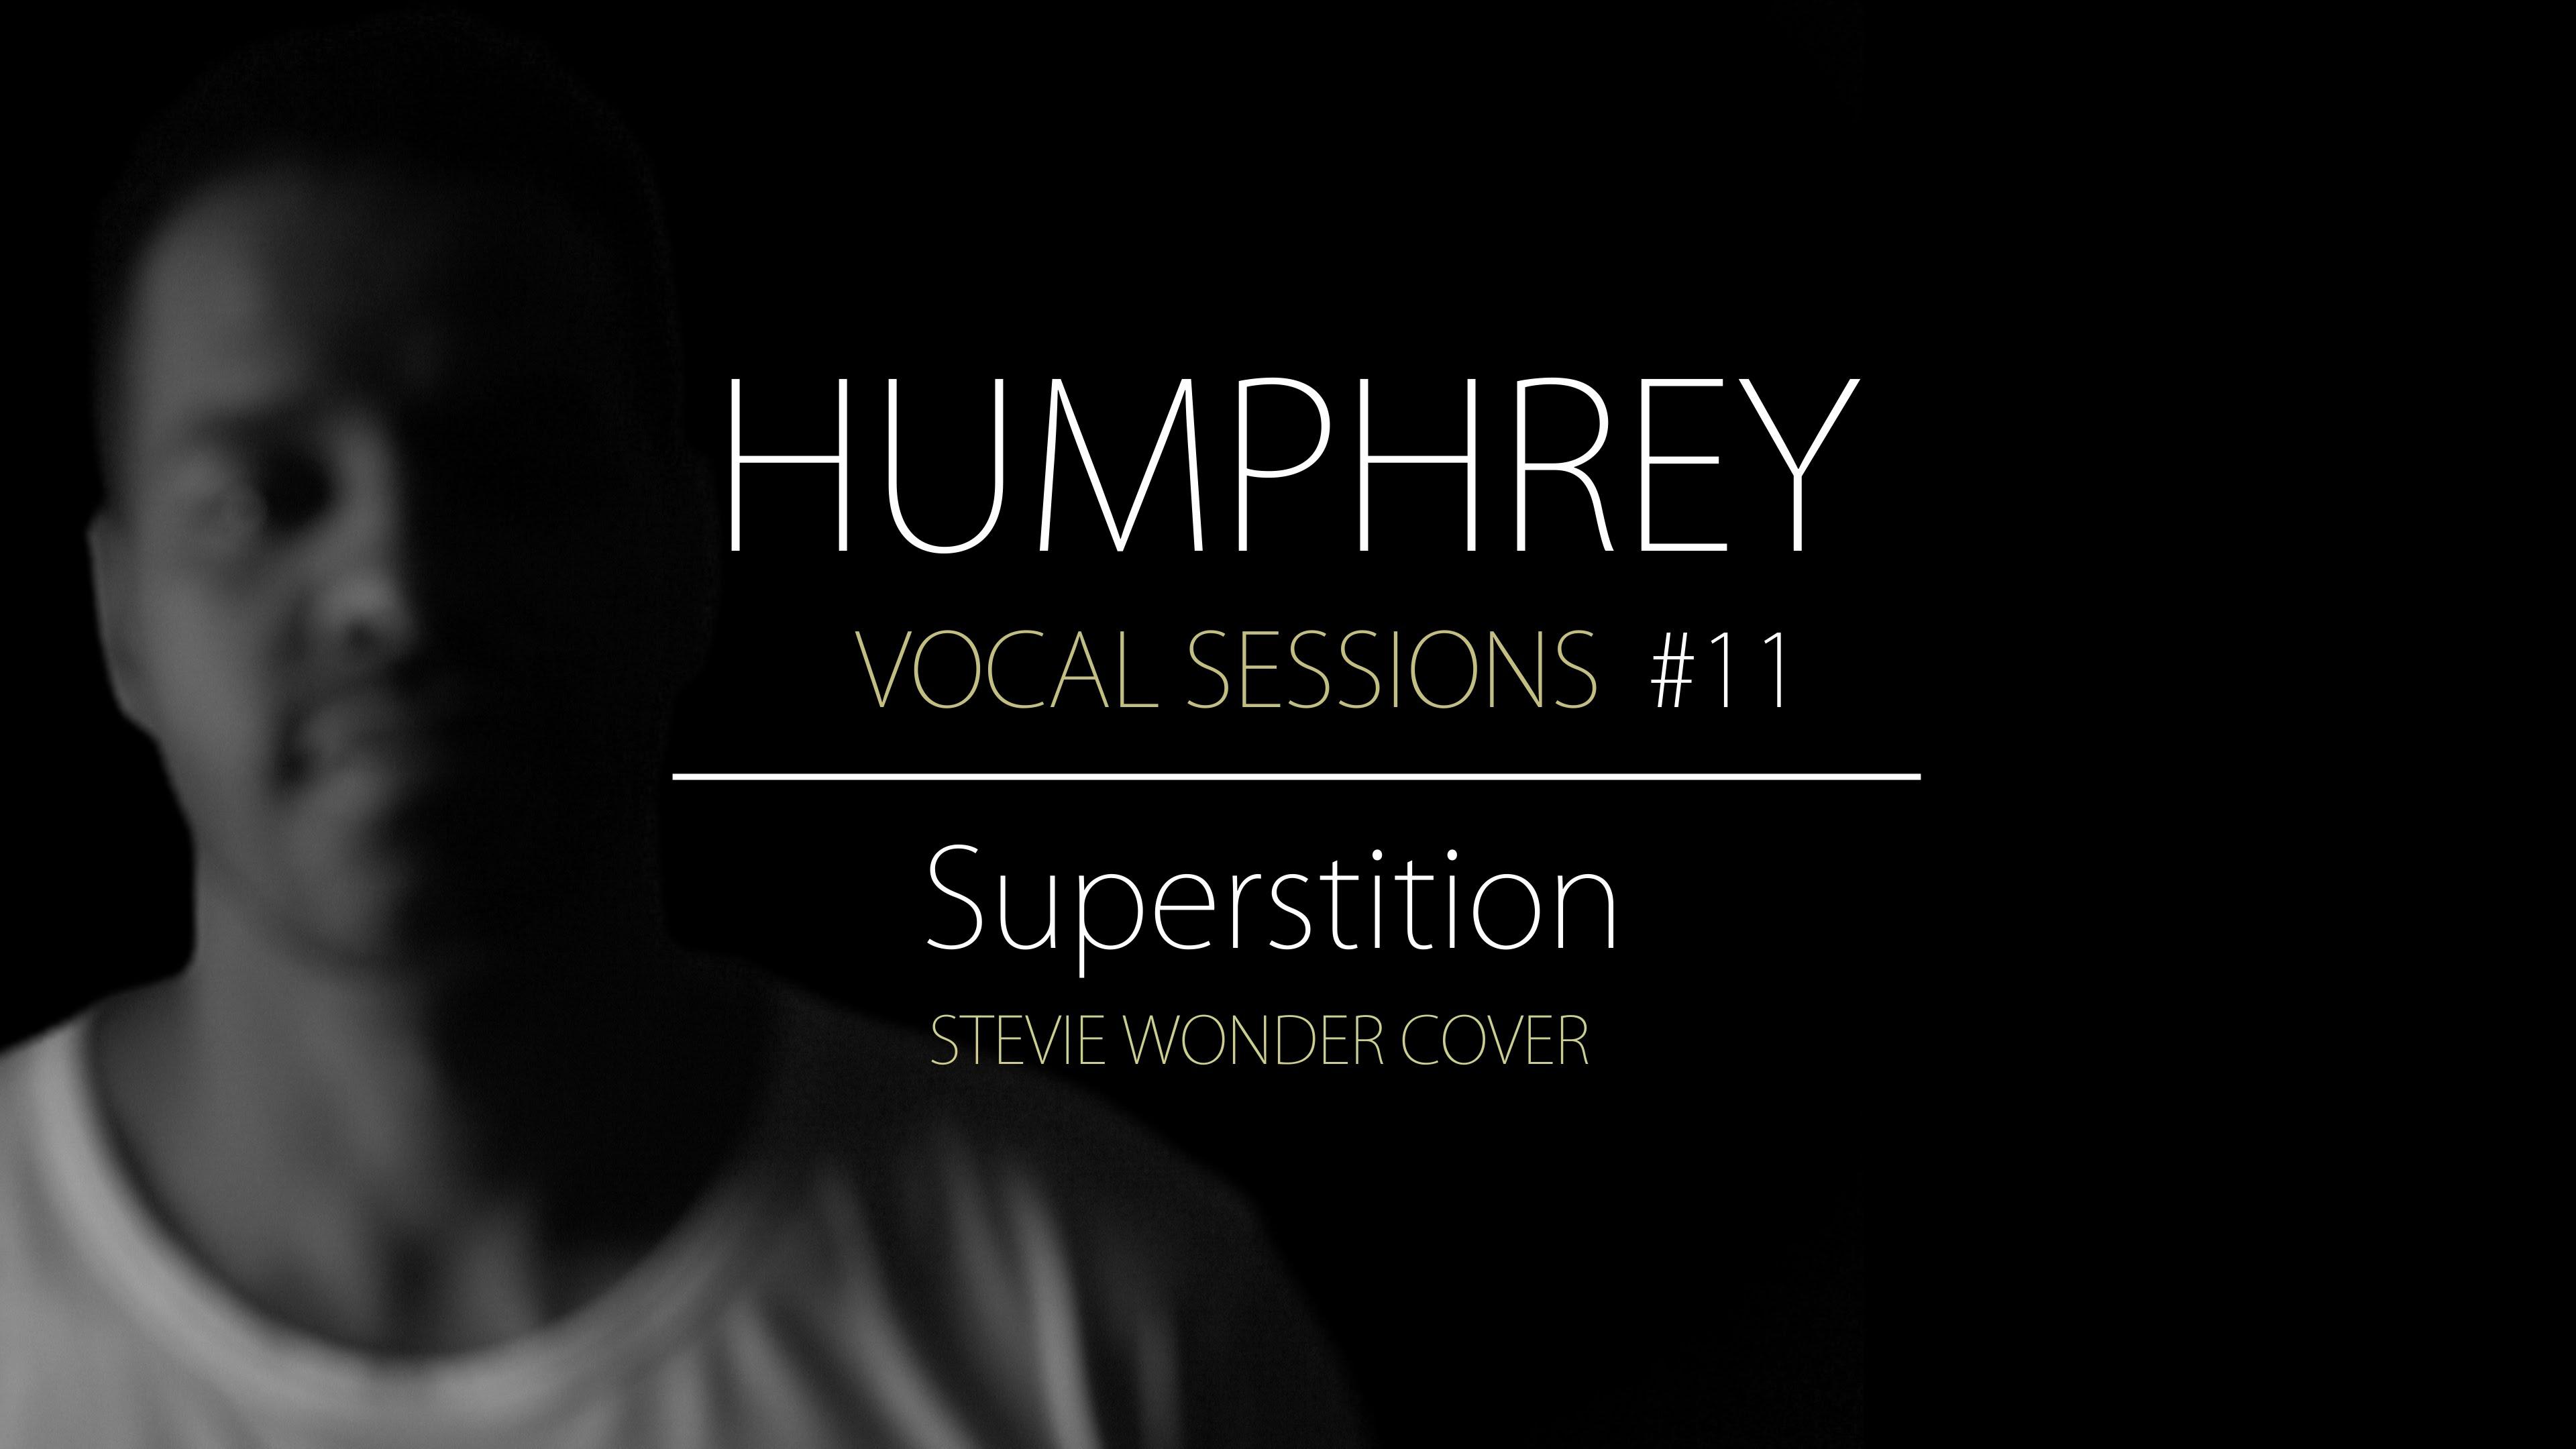 Humphrey Performs